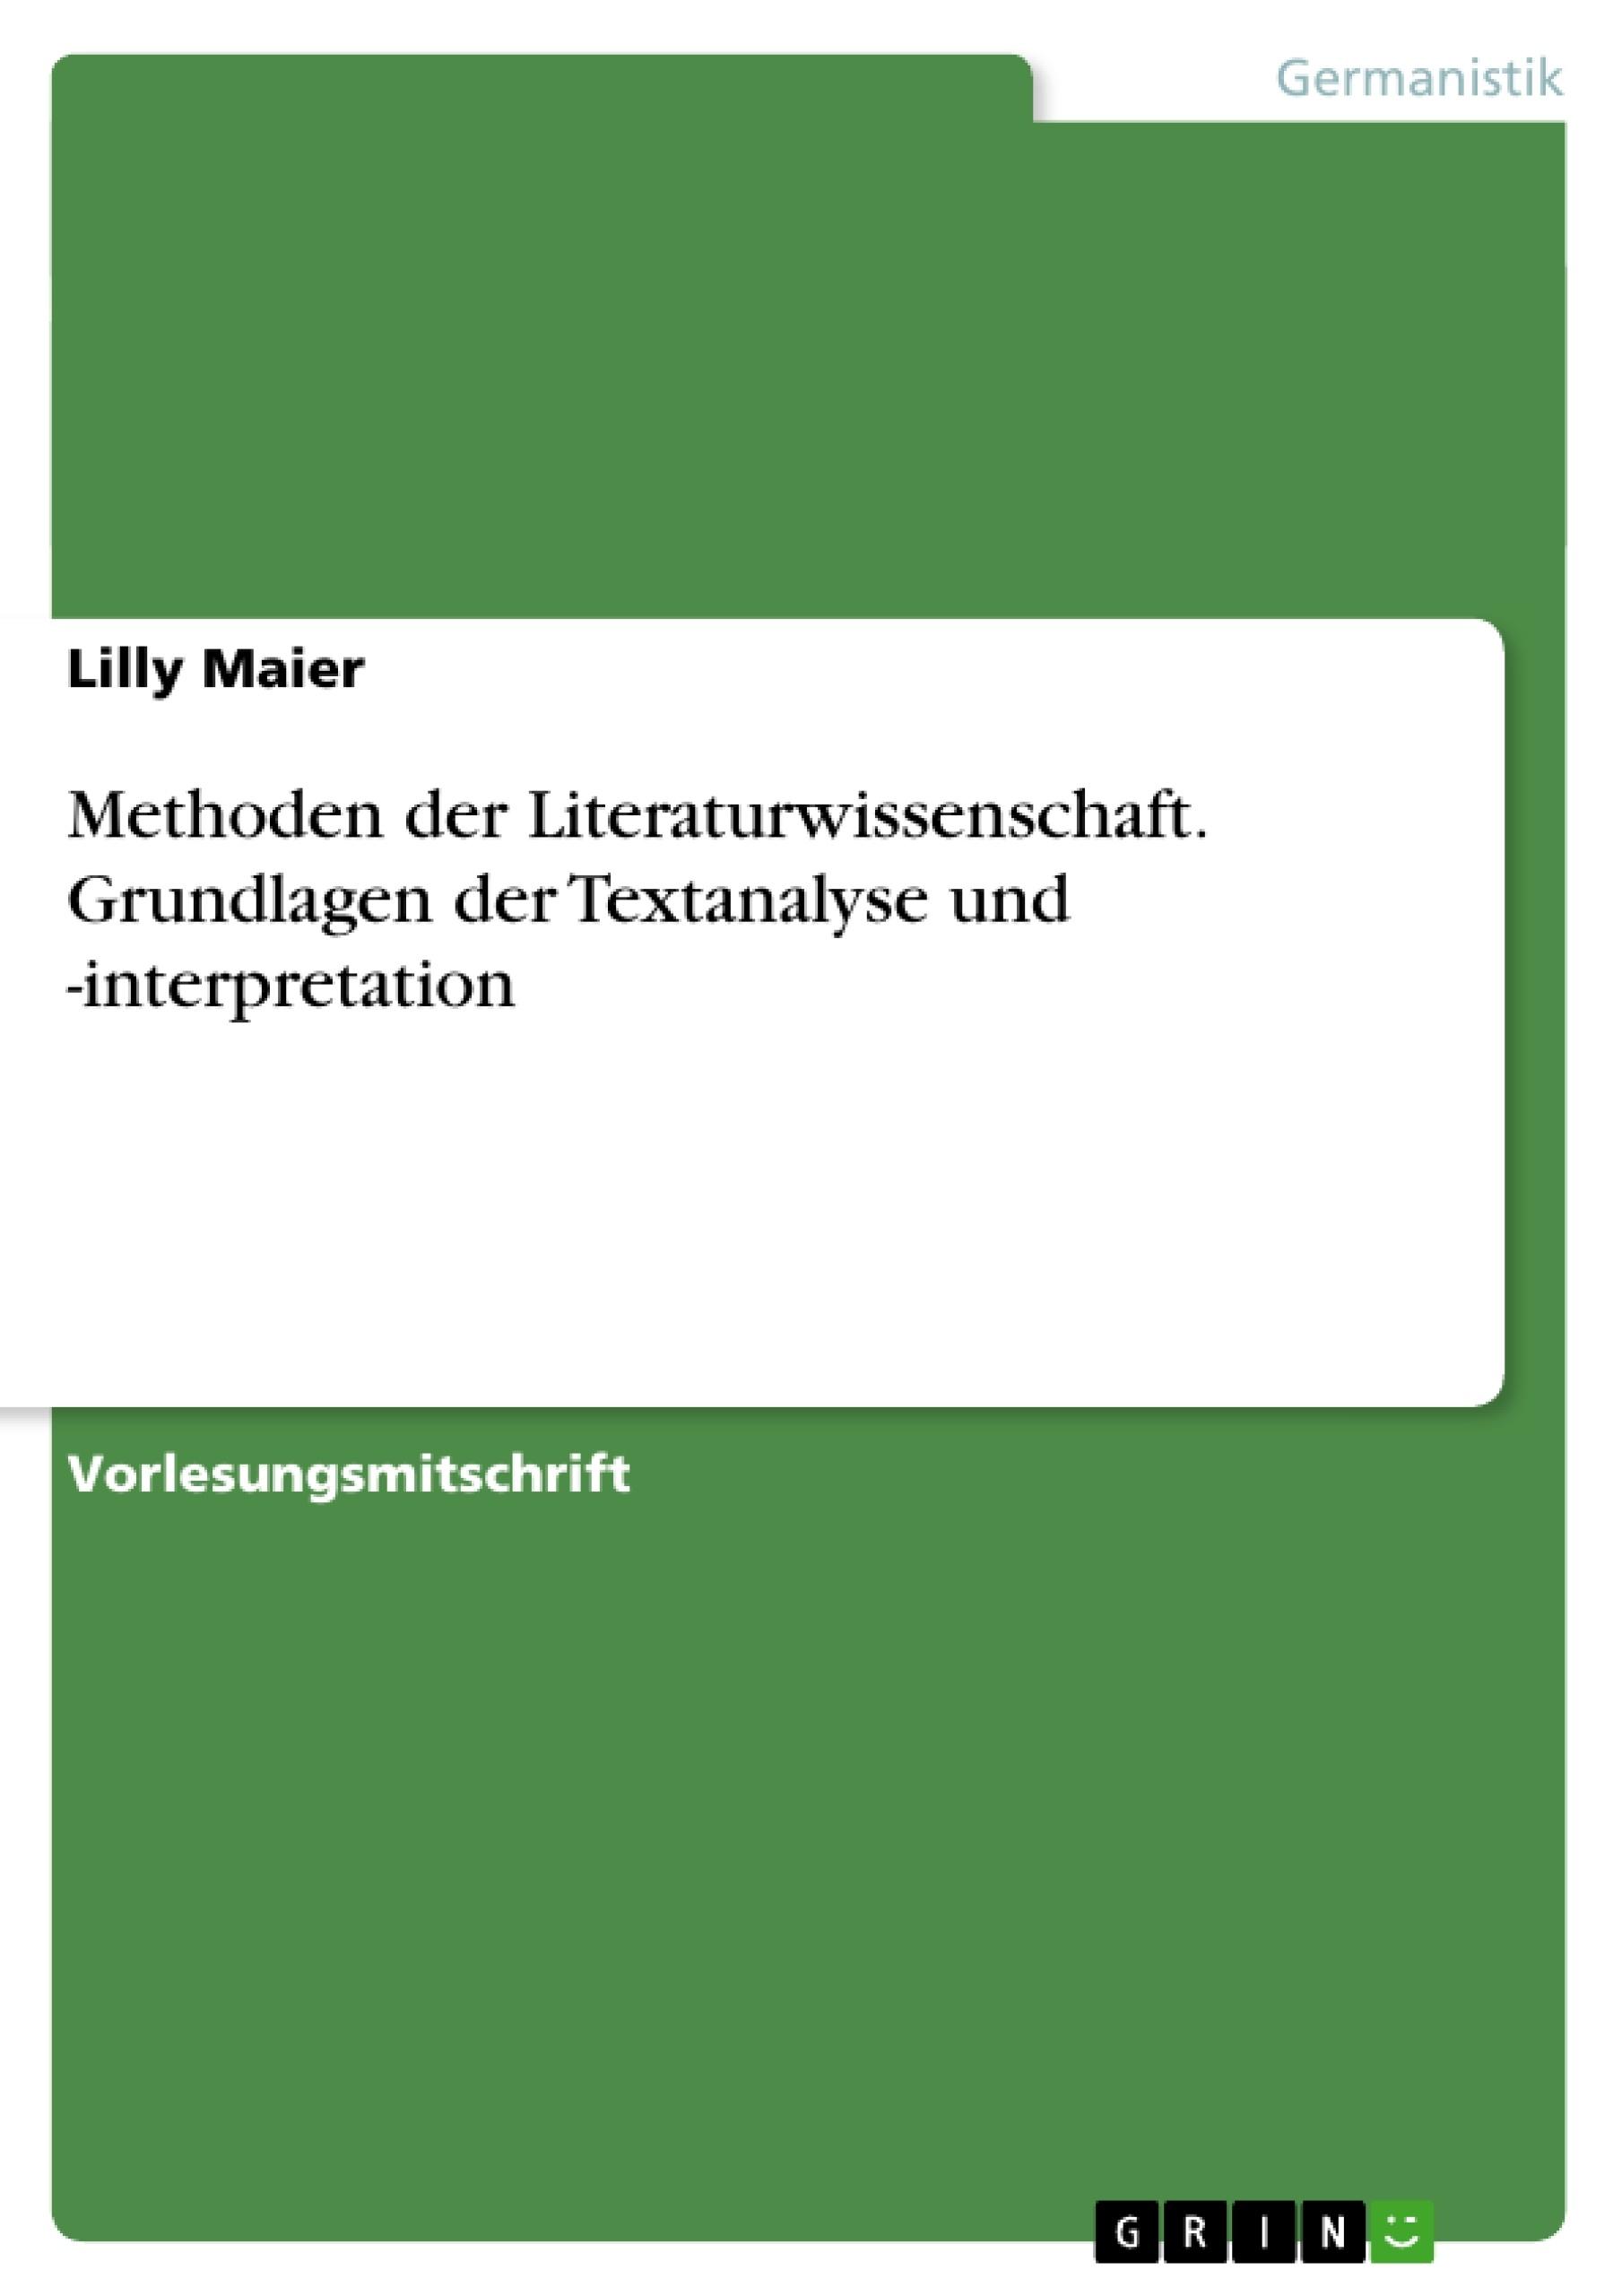 Titel: Methoden der Literaturwissenschaft. Grundlagen der Textanalyse und -interpretation